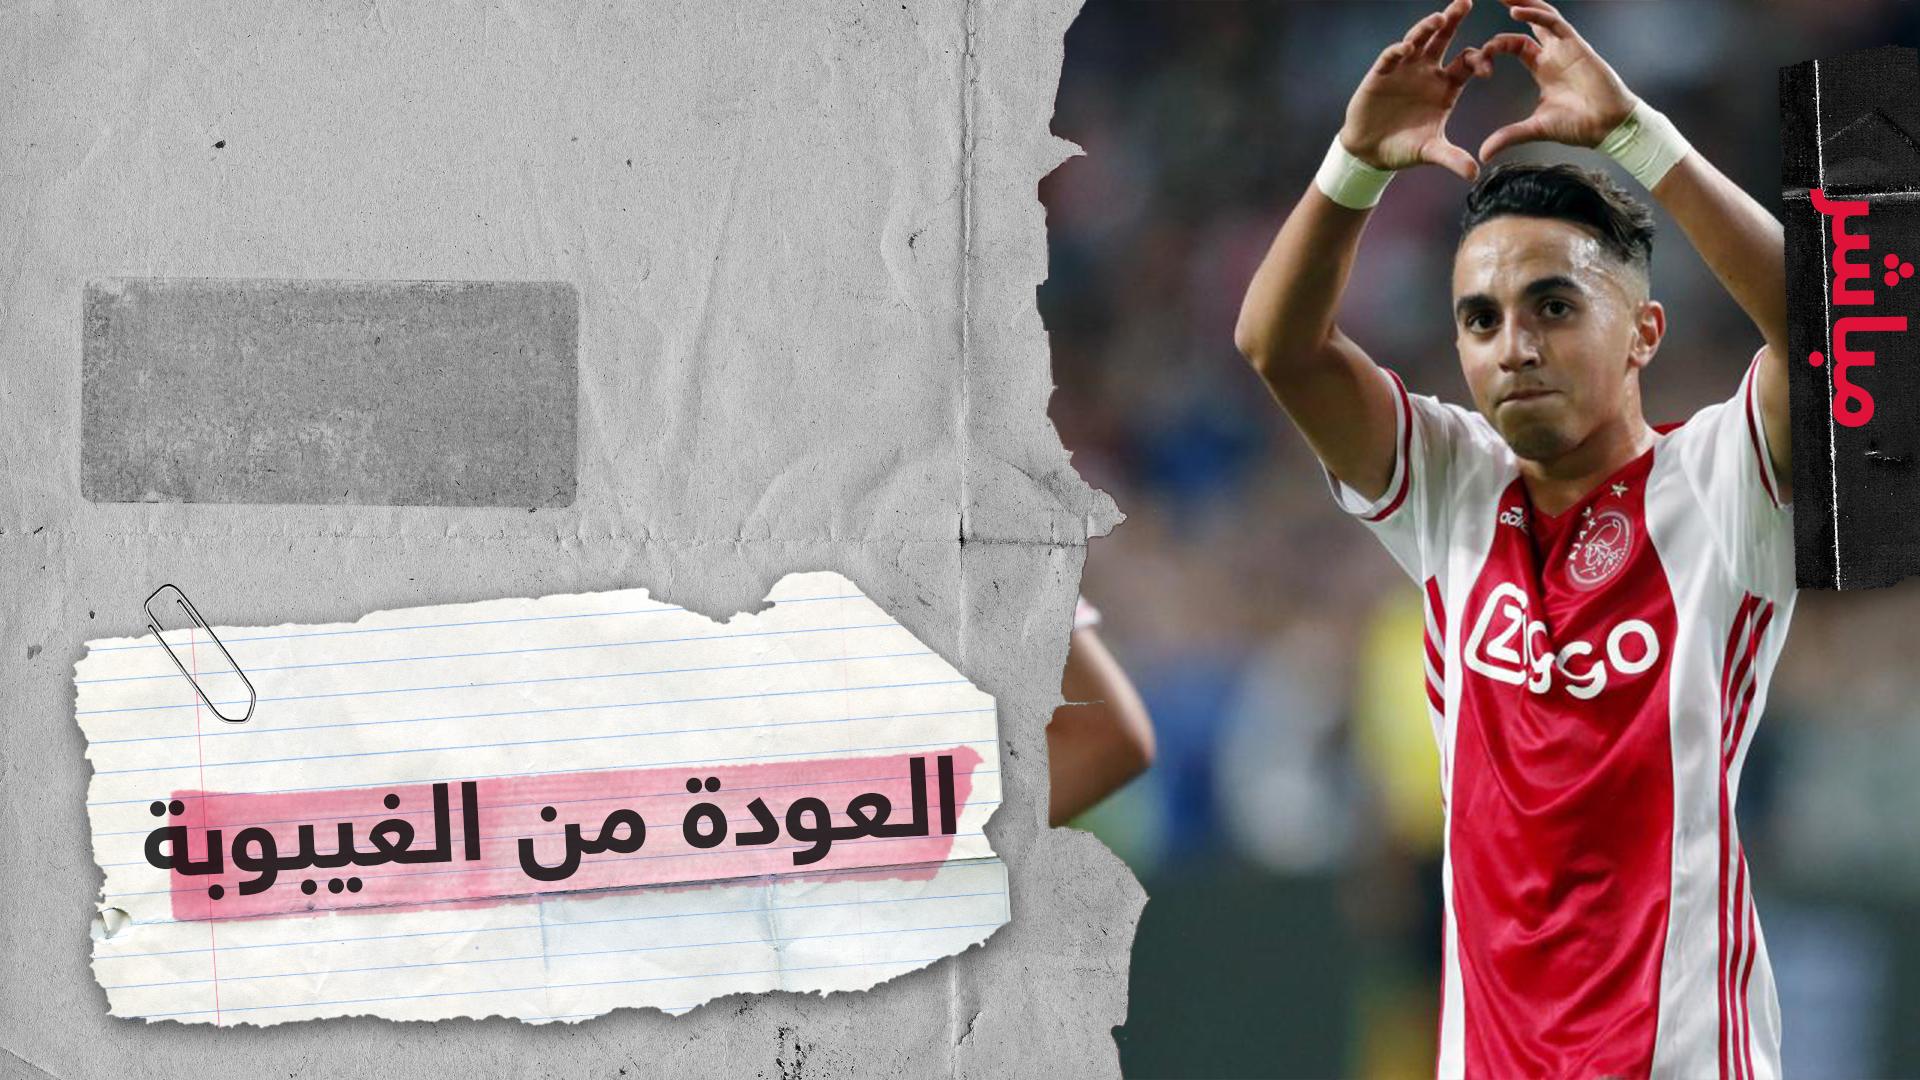 عبد الحق نوري لاعب أياكس أمستردام يخرج من غيبوبته